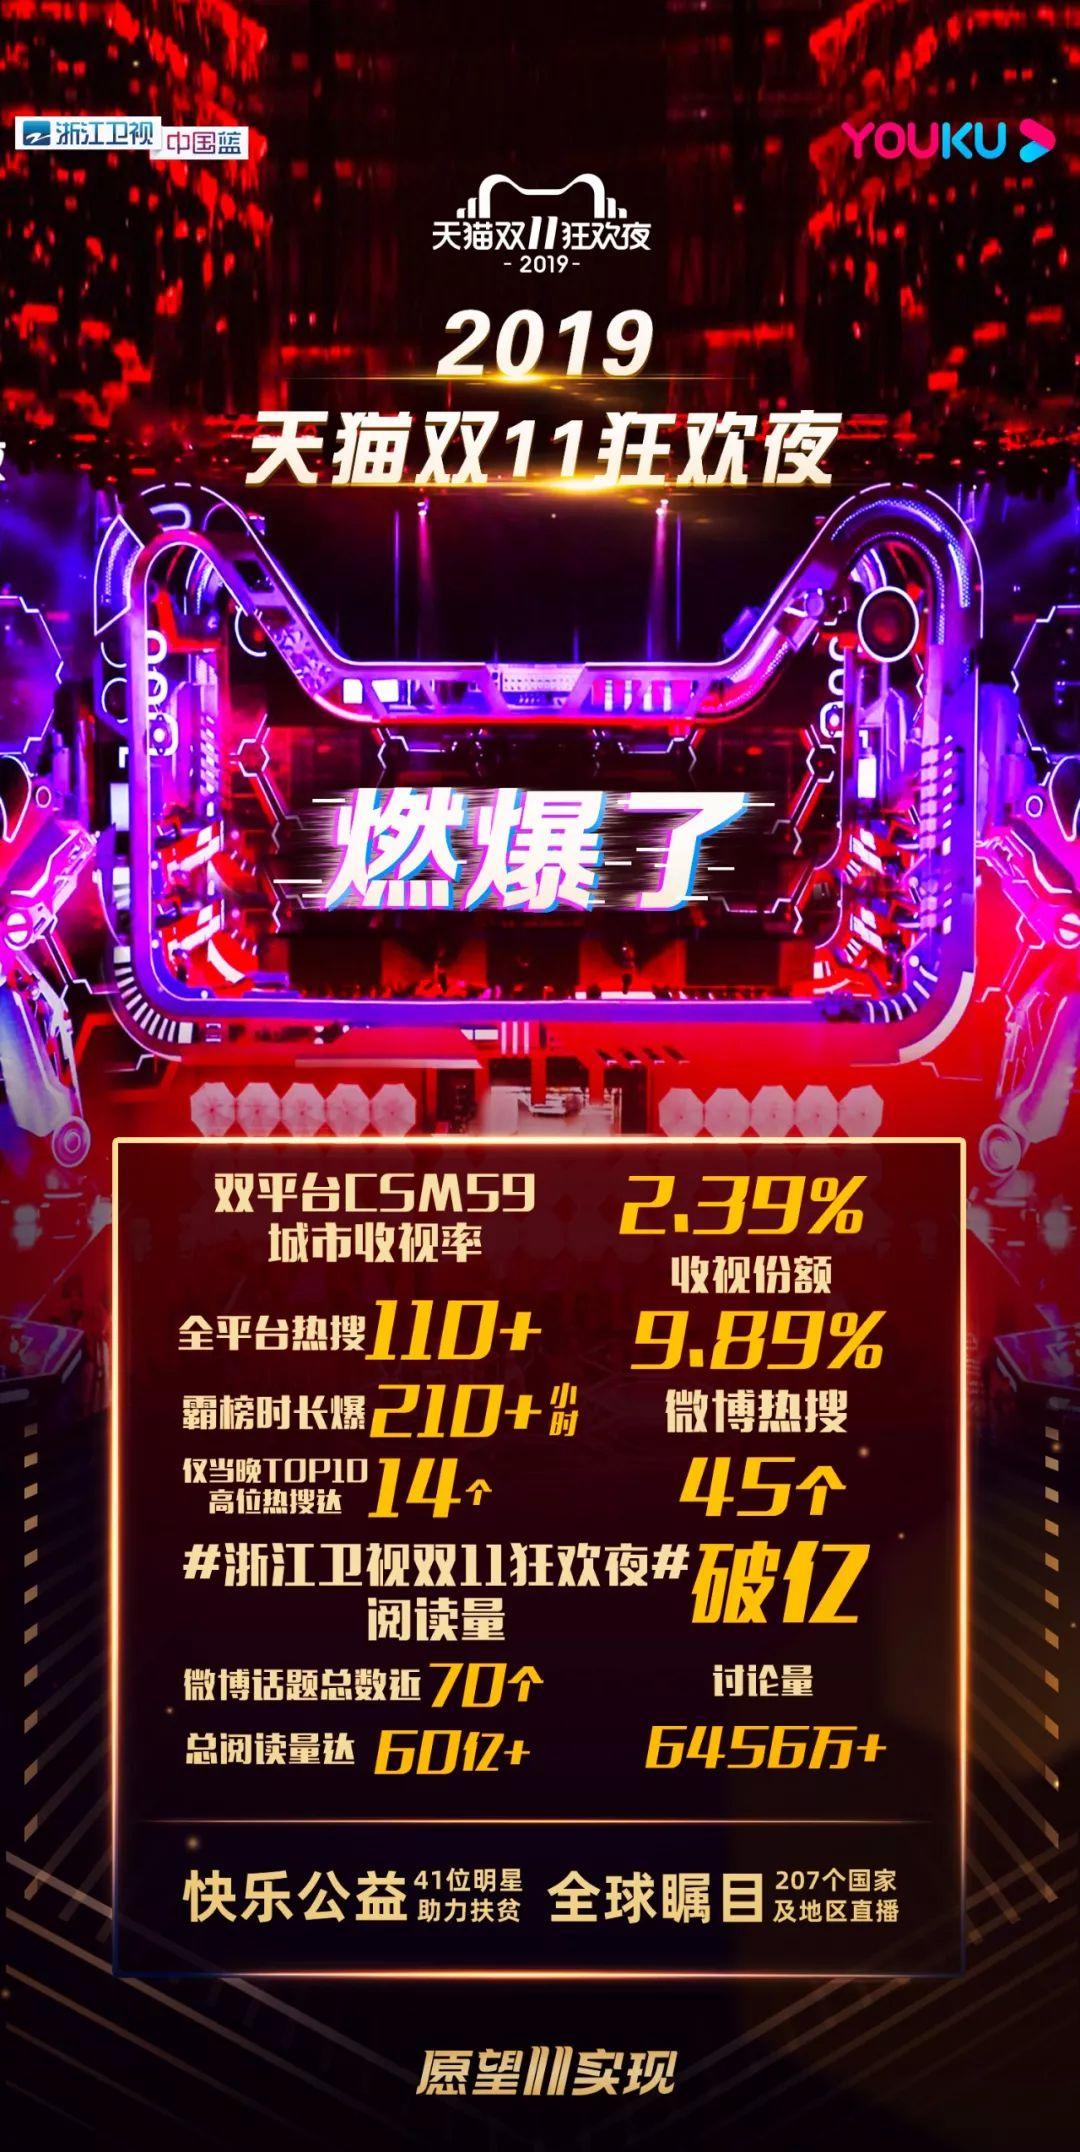 """浙江卫视燃爆周末!多档节目""""11""""领跑"""